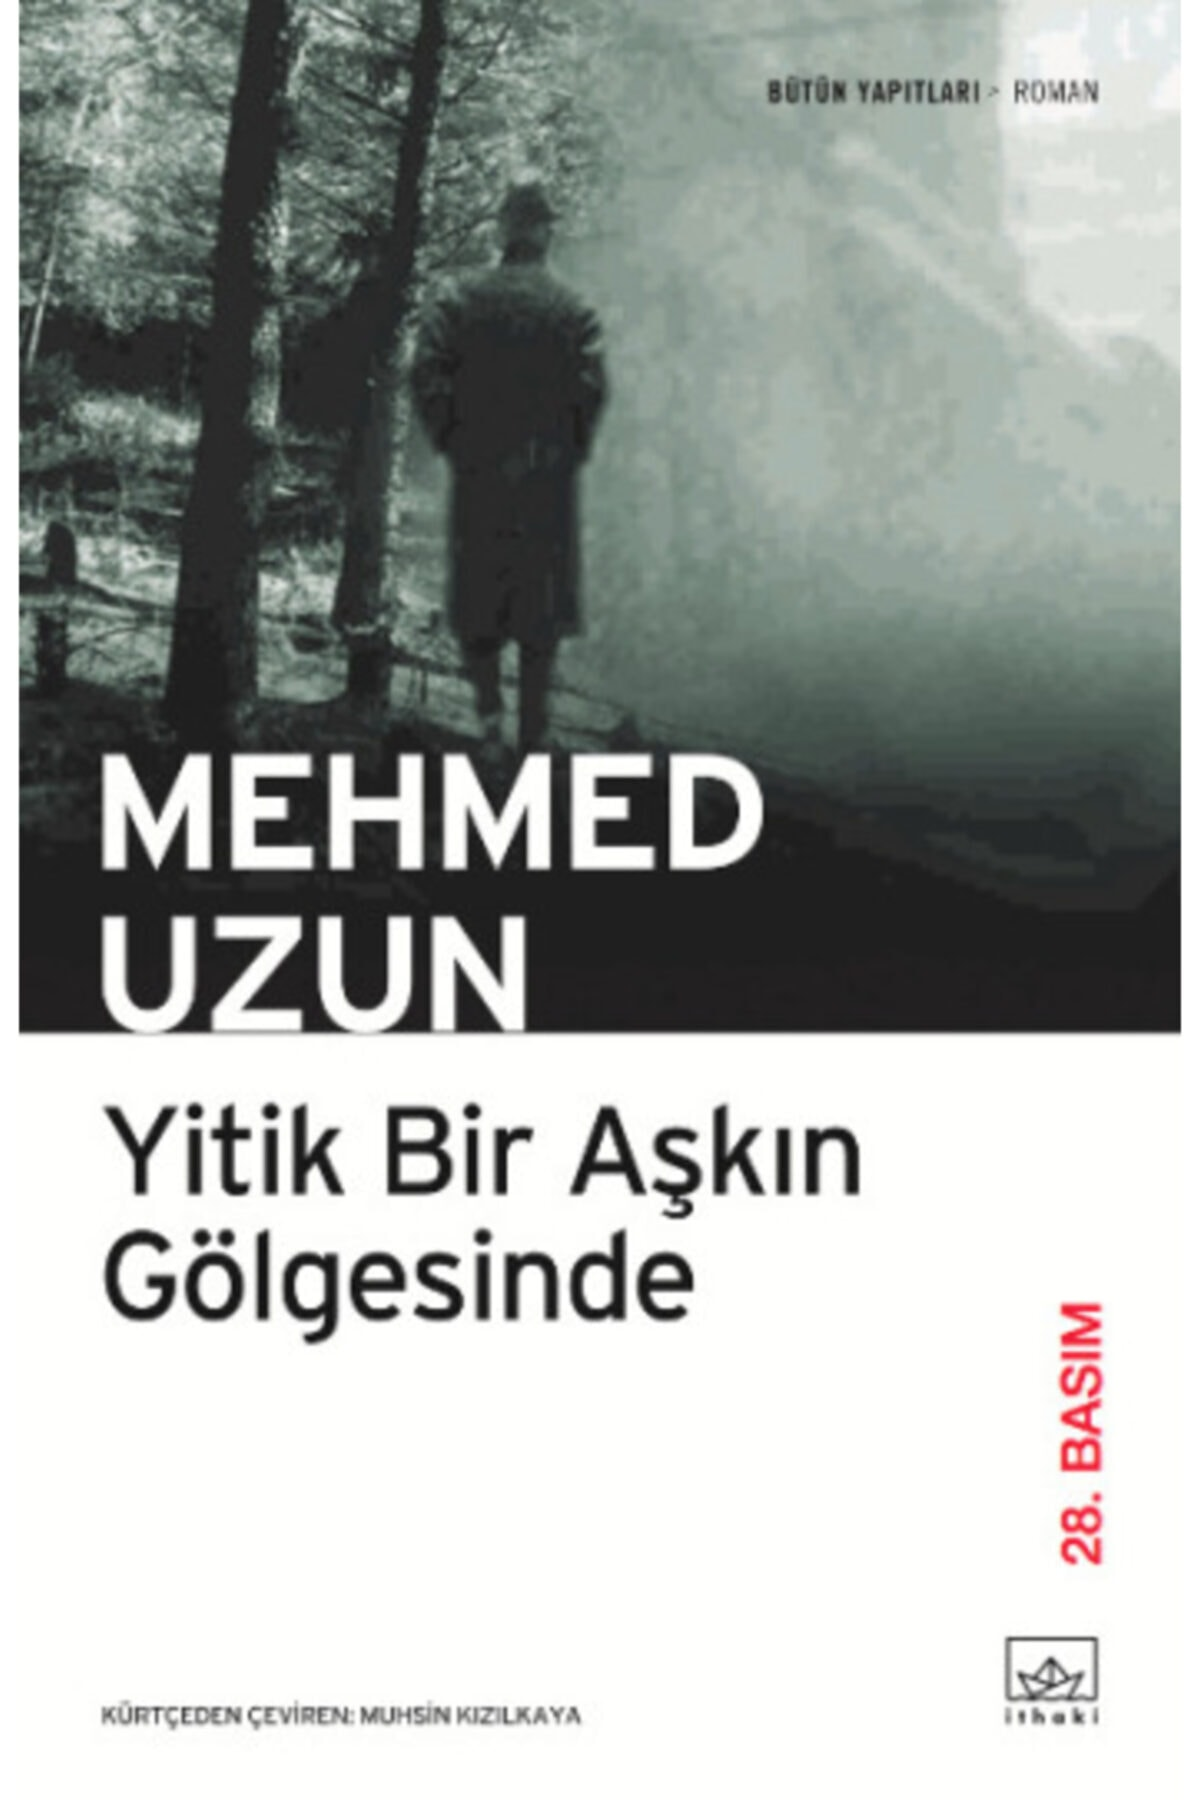 İthaki Yayınları Yitik Bir Aşkın Gölgesinde - - Mehmed Uzun 1